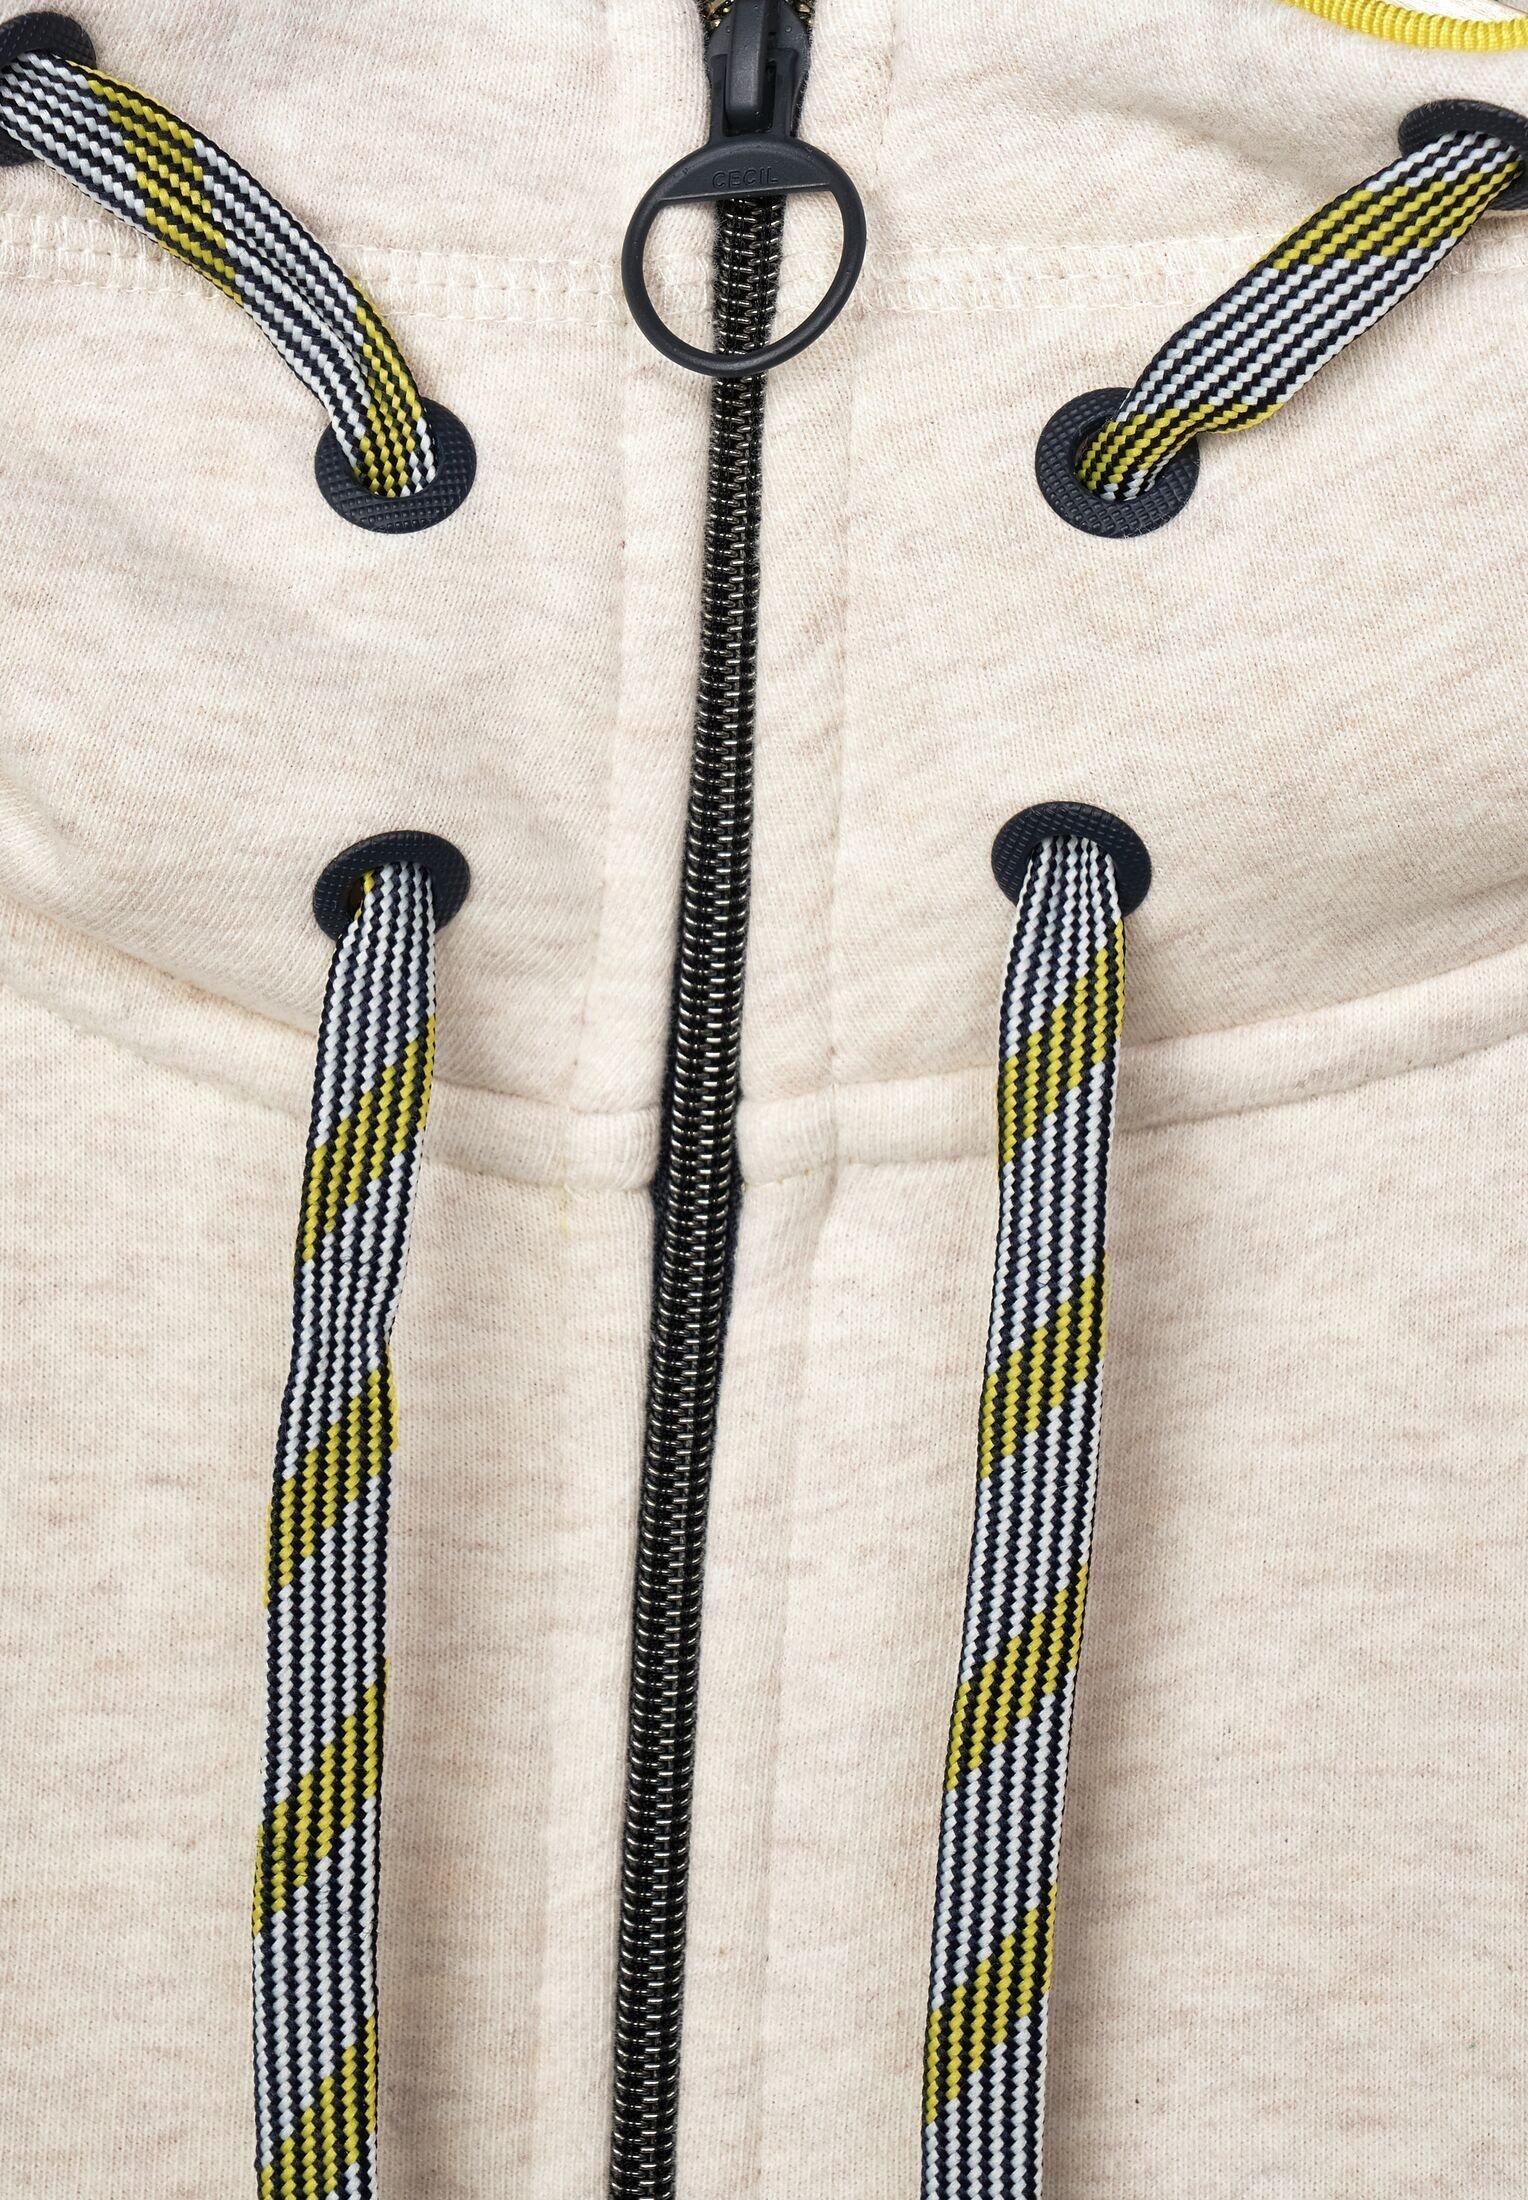 Cecil Sweatjacke mit Muster-Kragen Artikel-Nr B253020 Damen Sweatjacke Neu